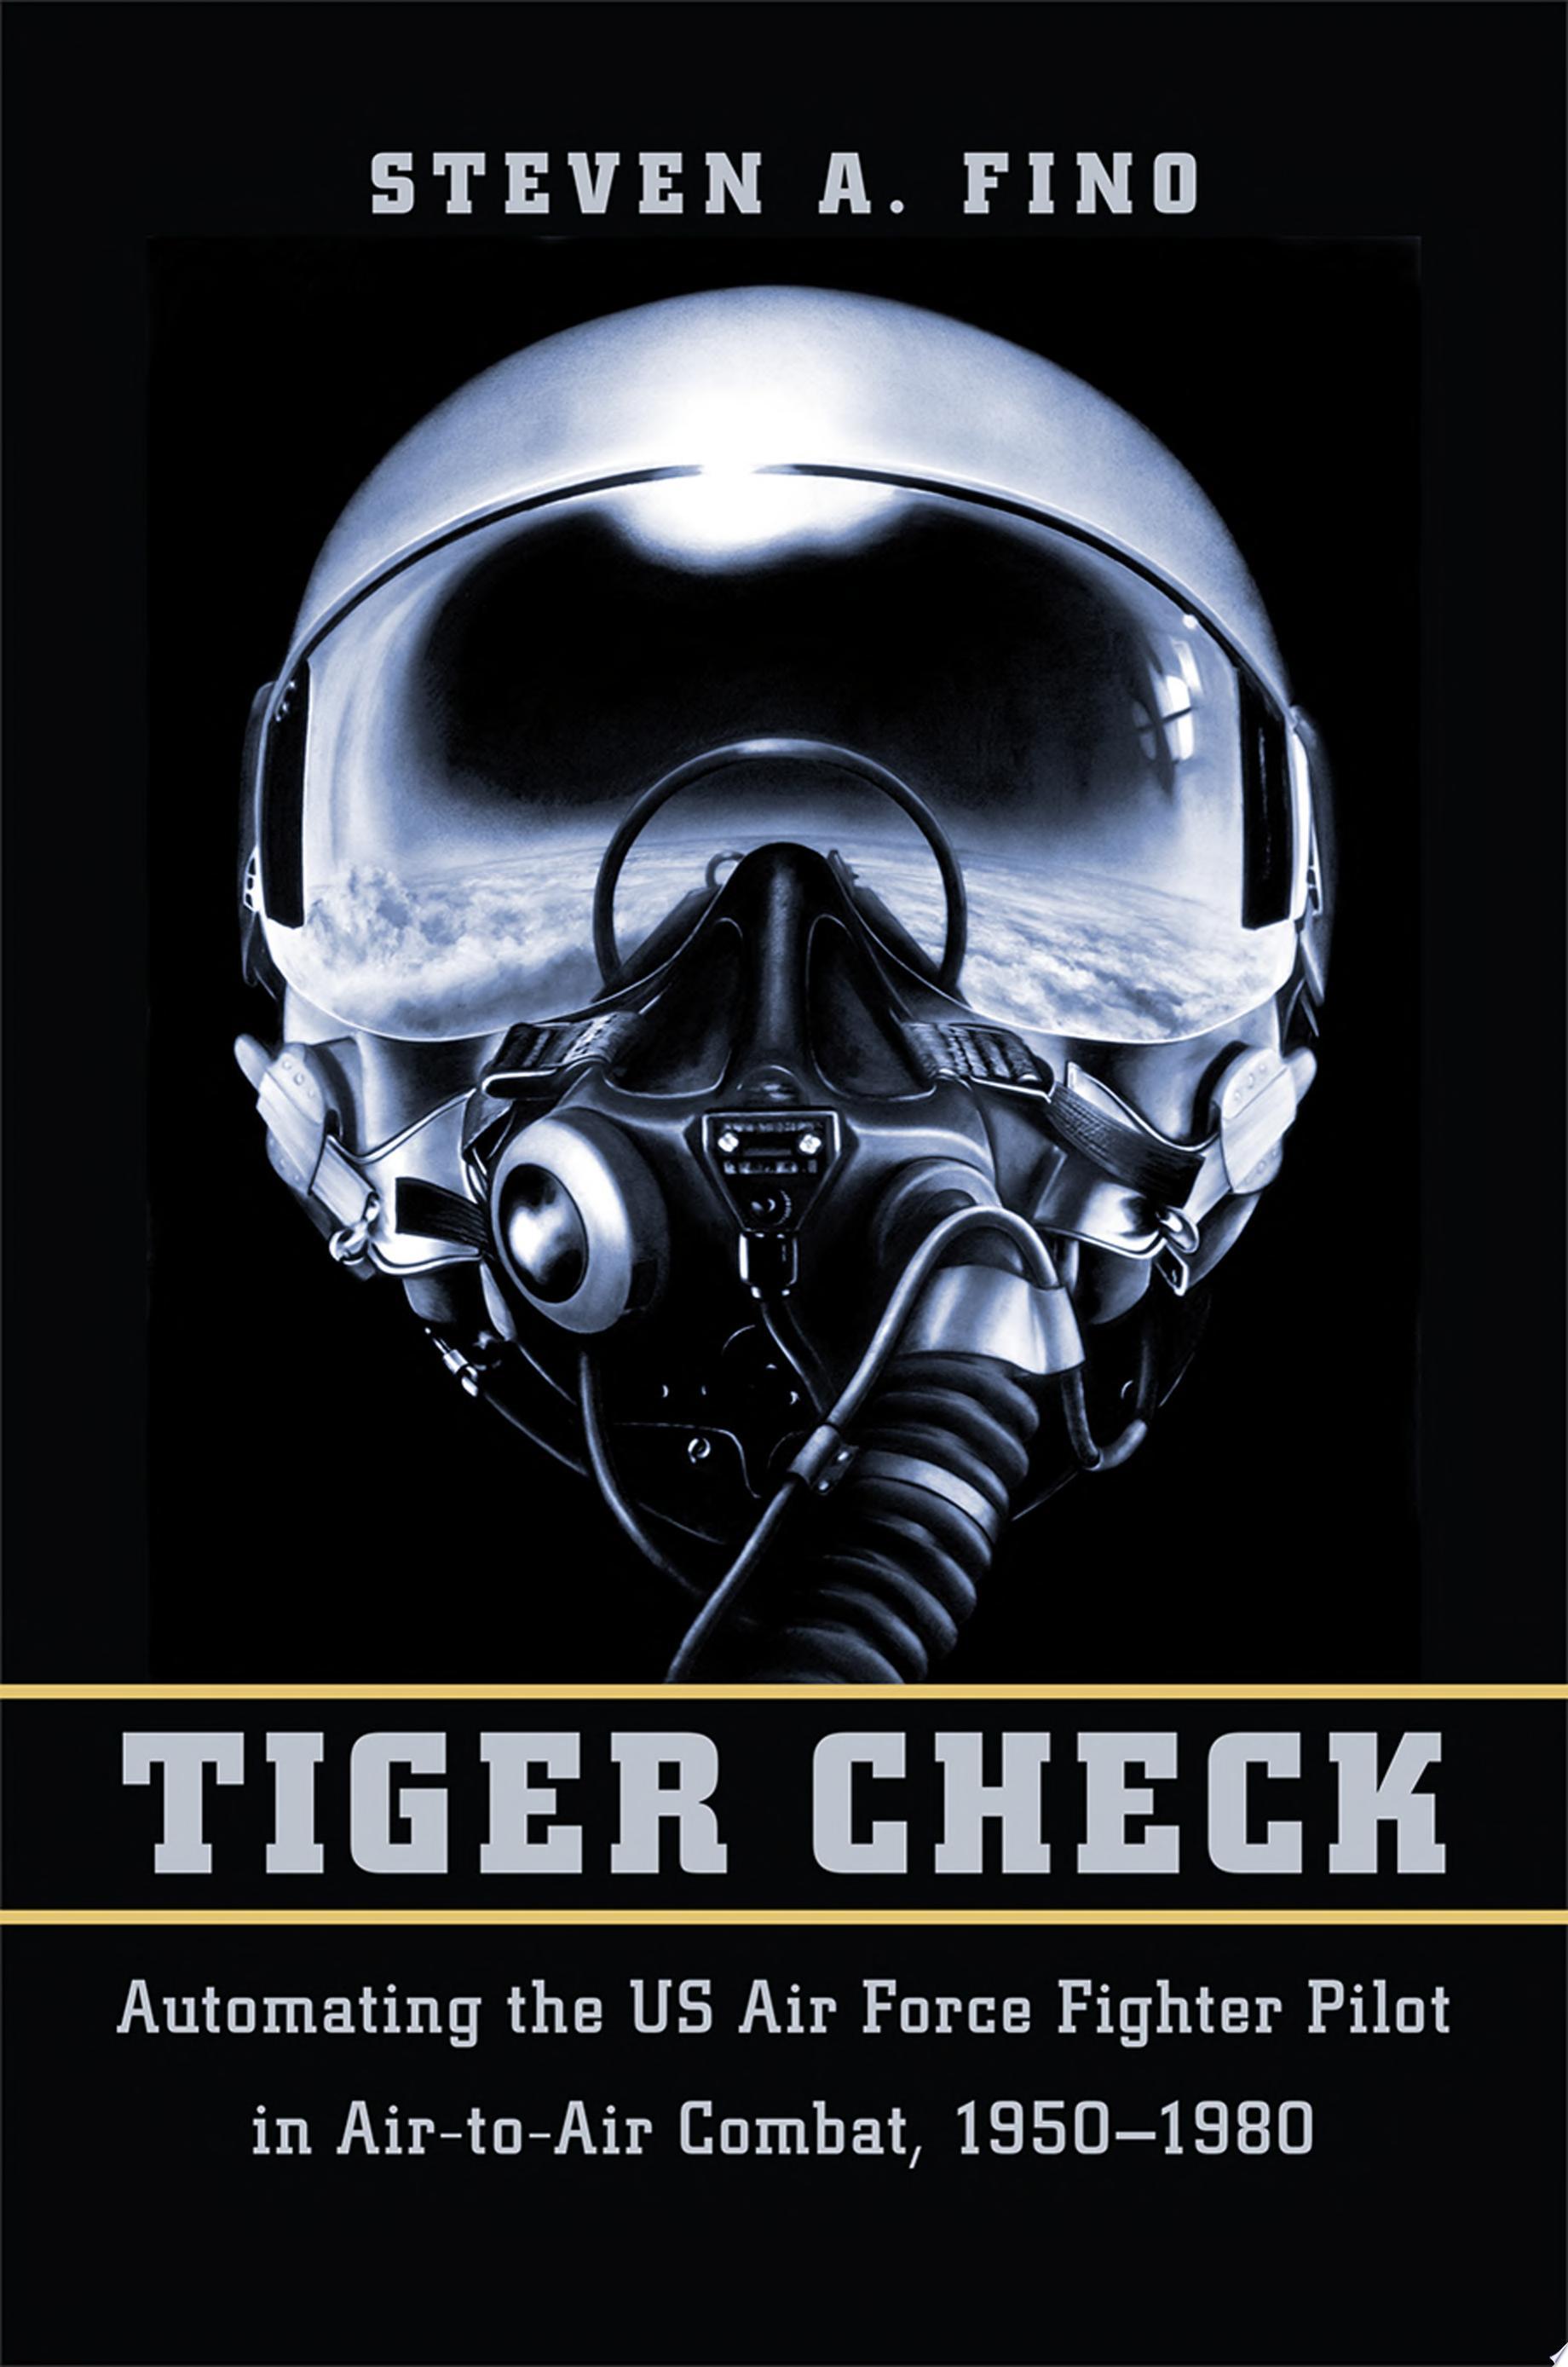 Tiger Check